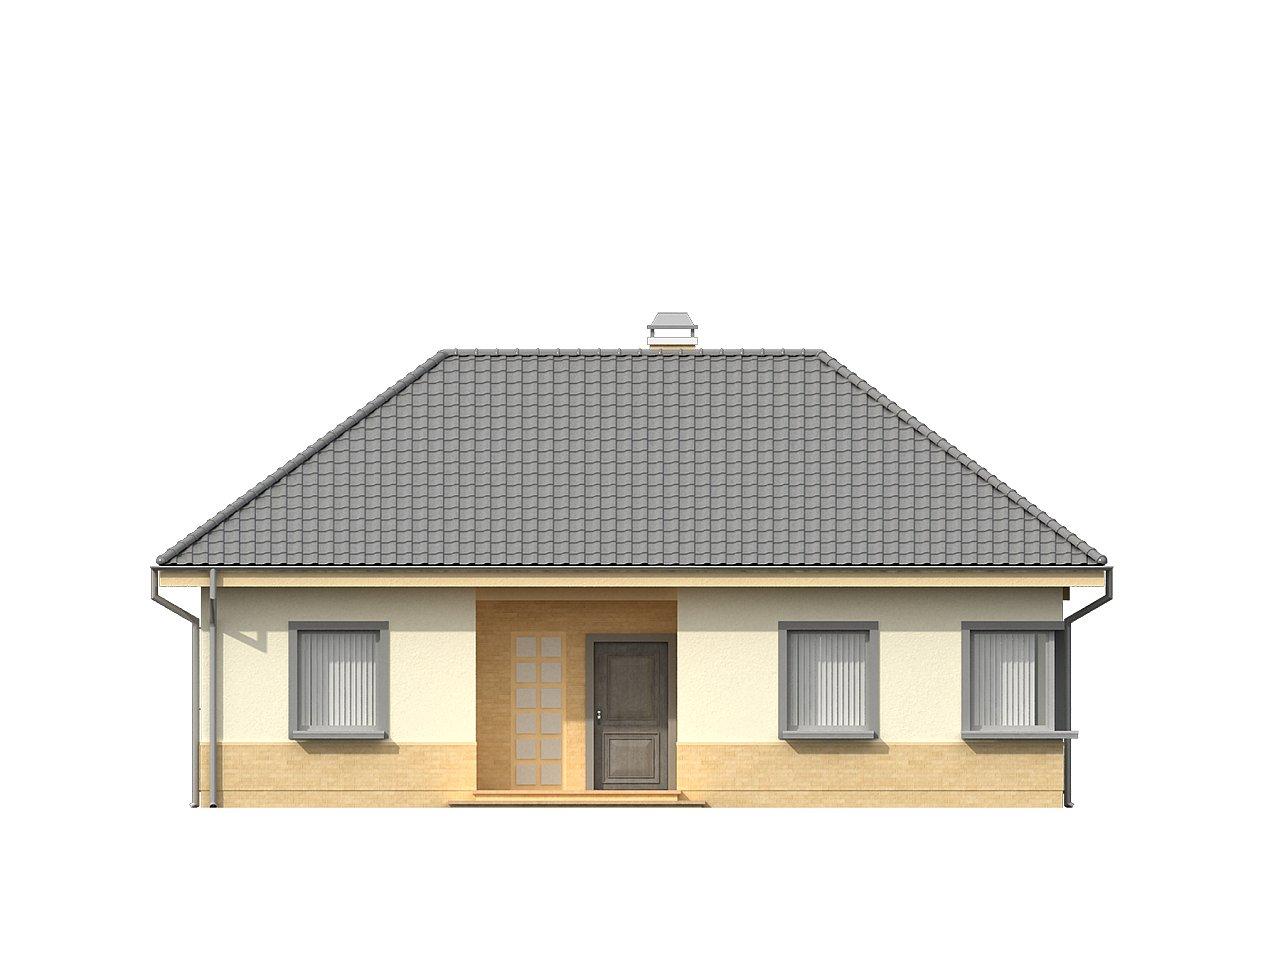 Практичный одноэтажный дом с 4-х скатной кровлей и угловым окном в кухне. - фото 21